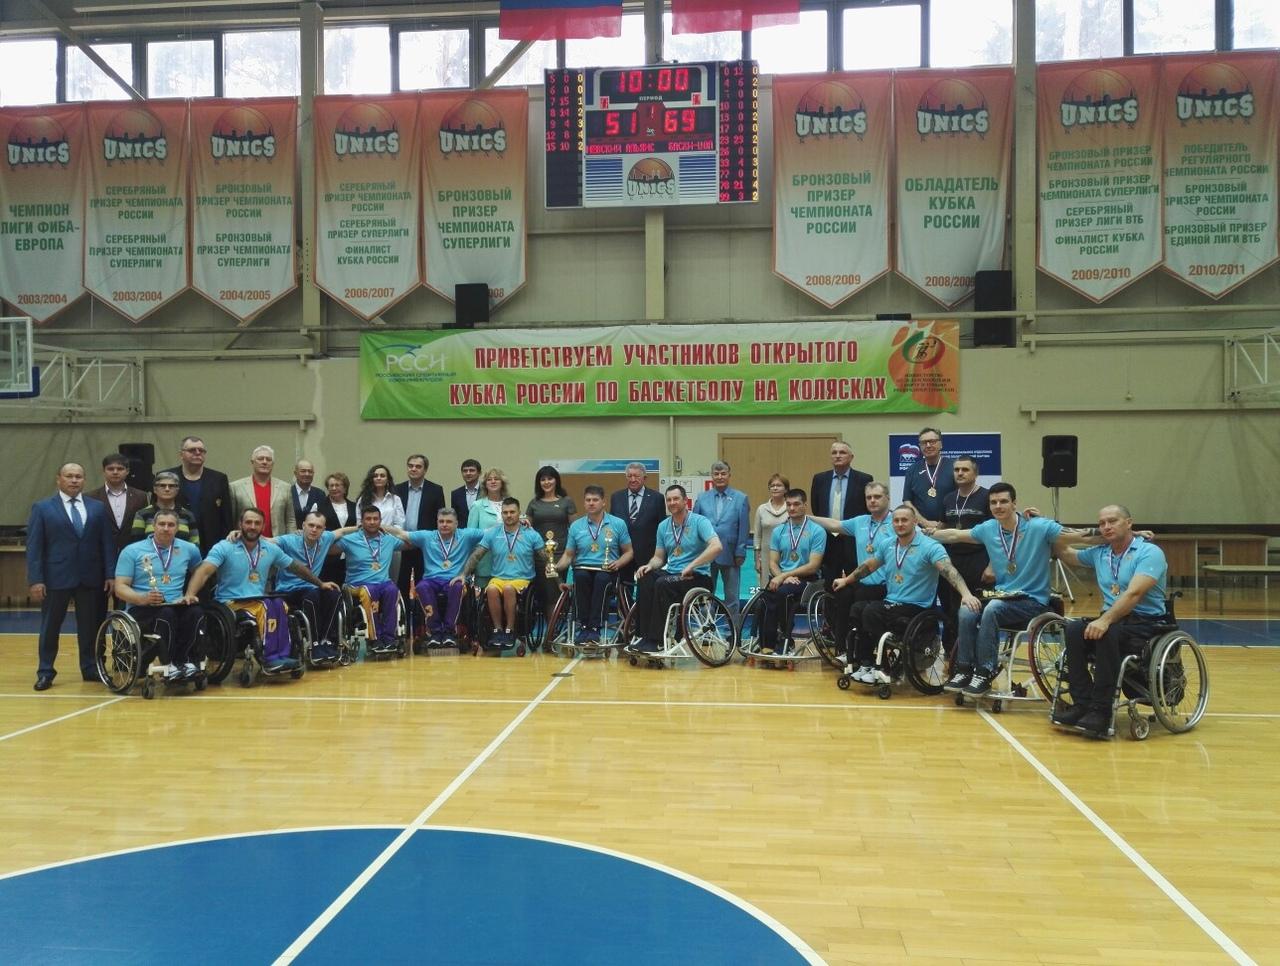 Л.Н. Селезнев в г. Казани принял участие в торжественных церемониях награждения и закрытия Всероссийского турнира по баскетболу на колясках